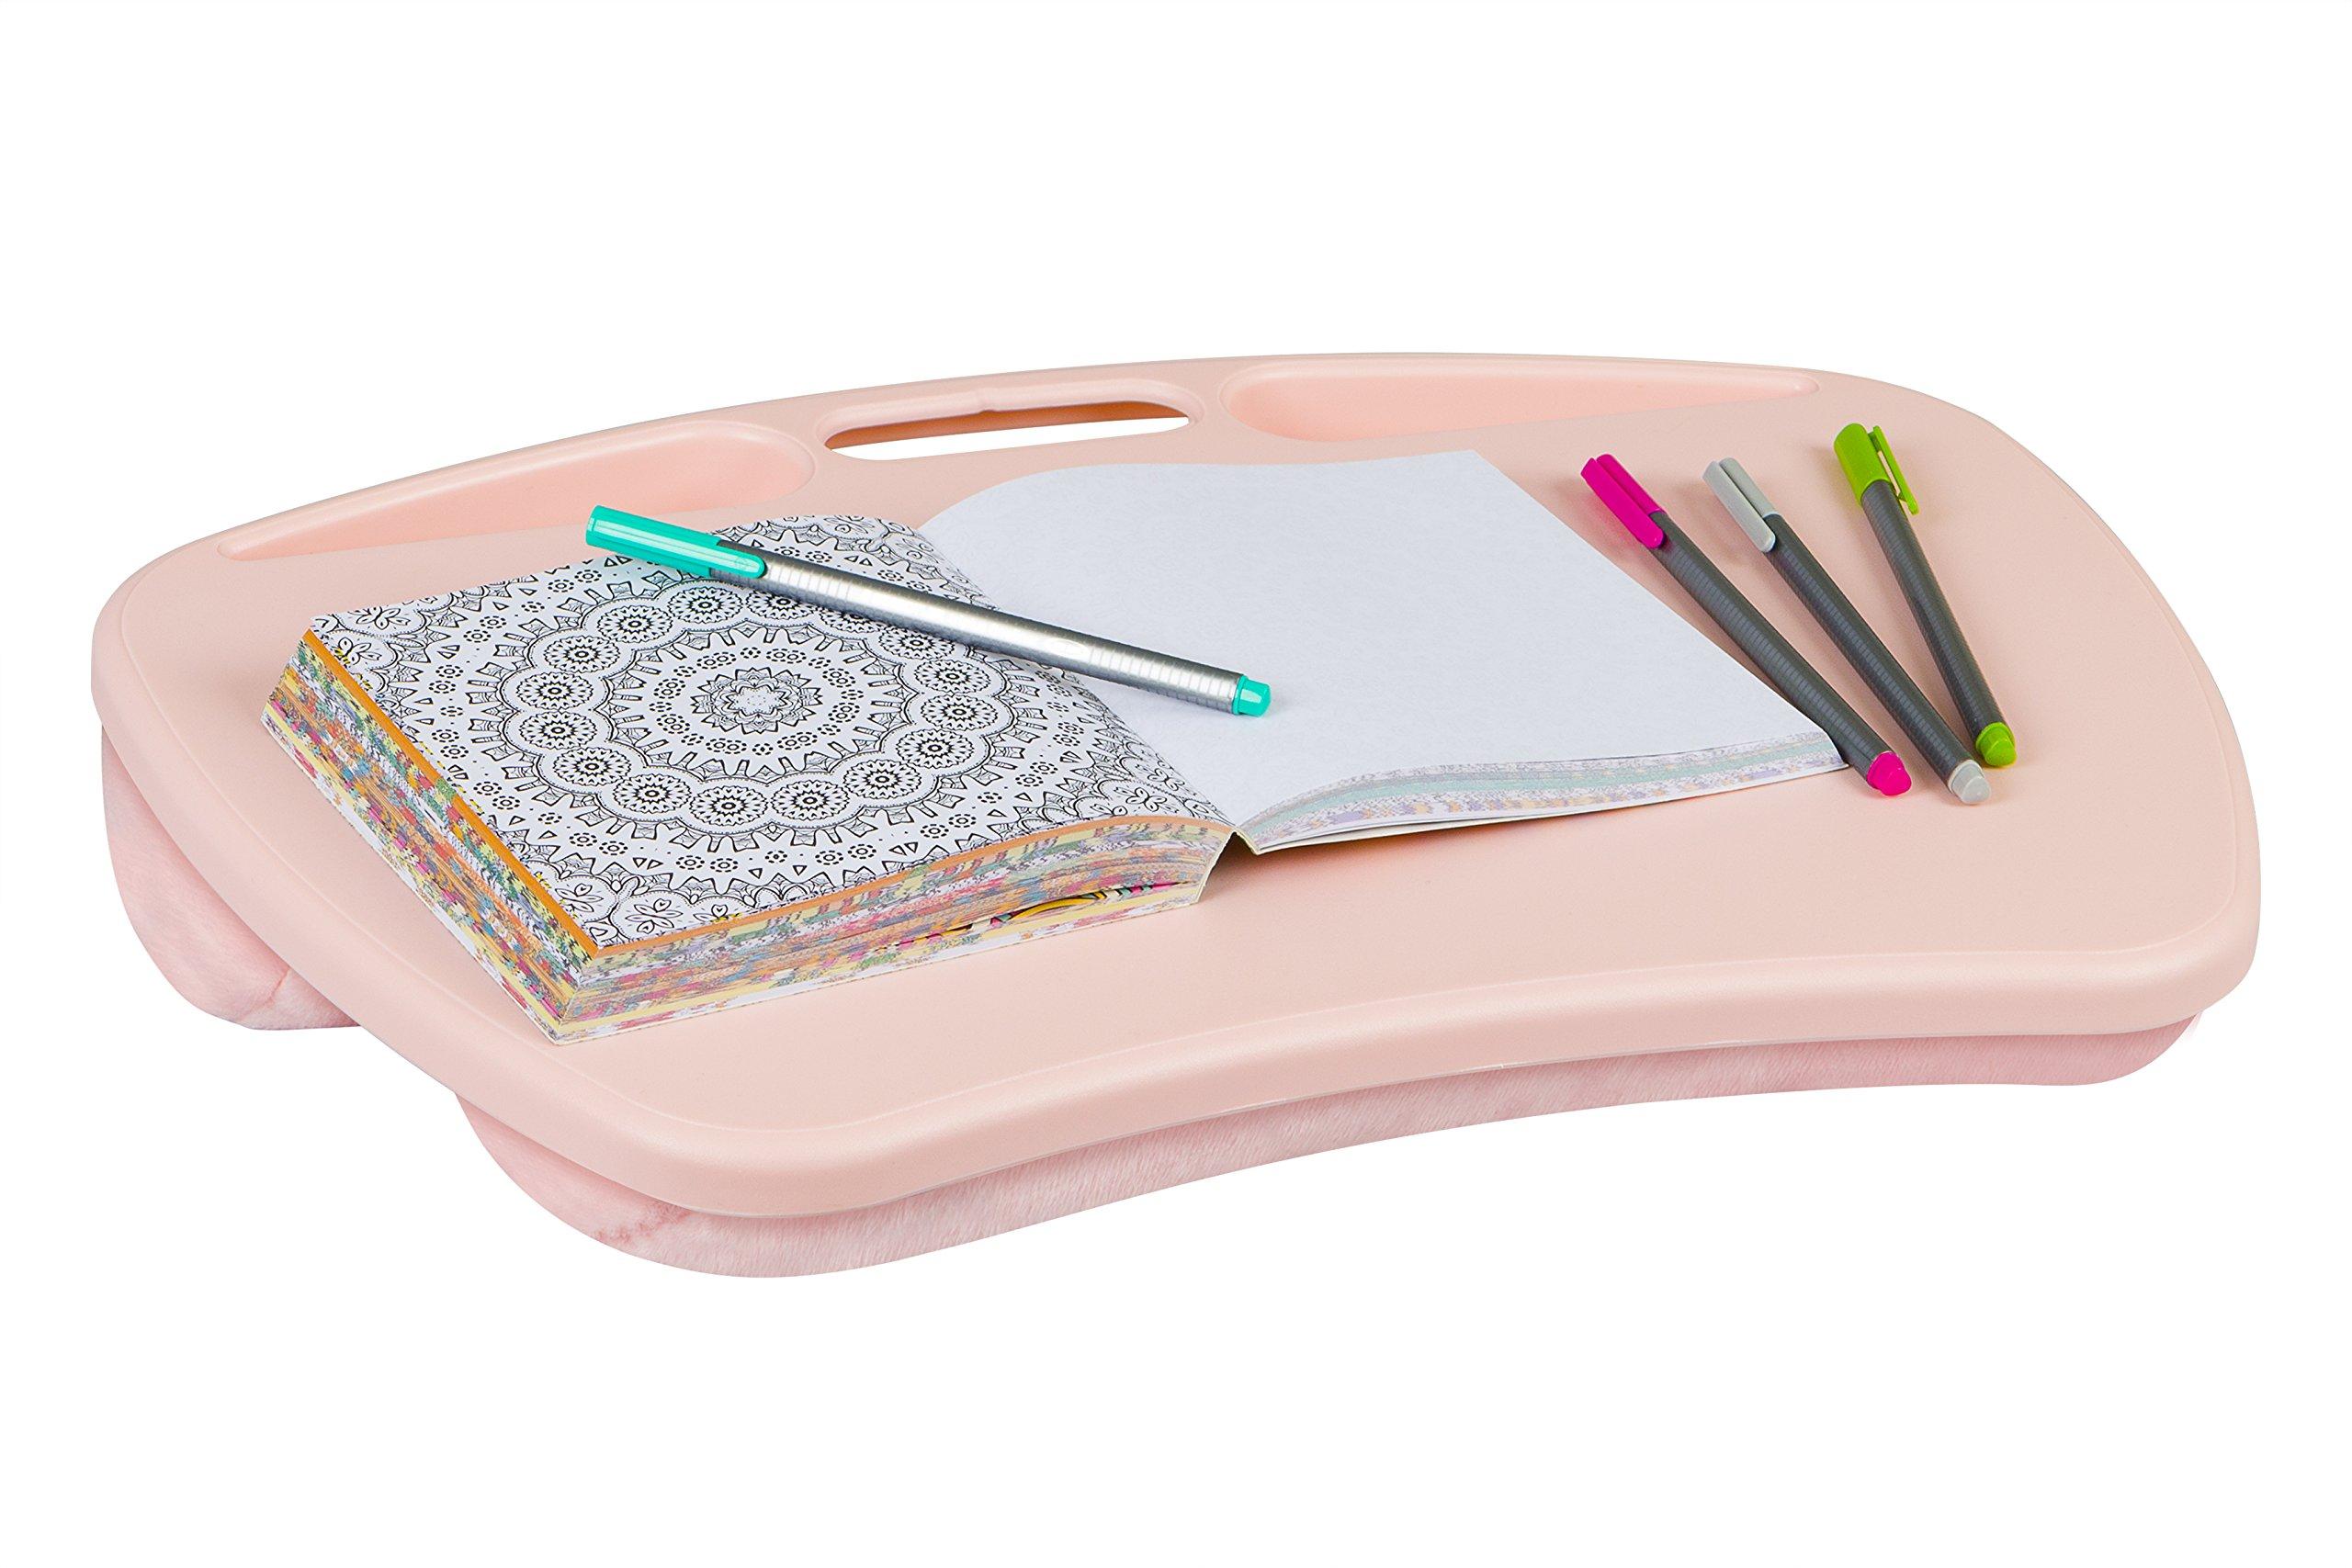 LapGear MyDesk Lap Desk - Rose Quartz (Fits up to 15'' Laptop)